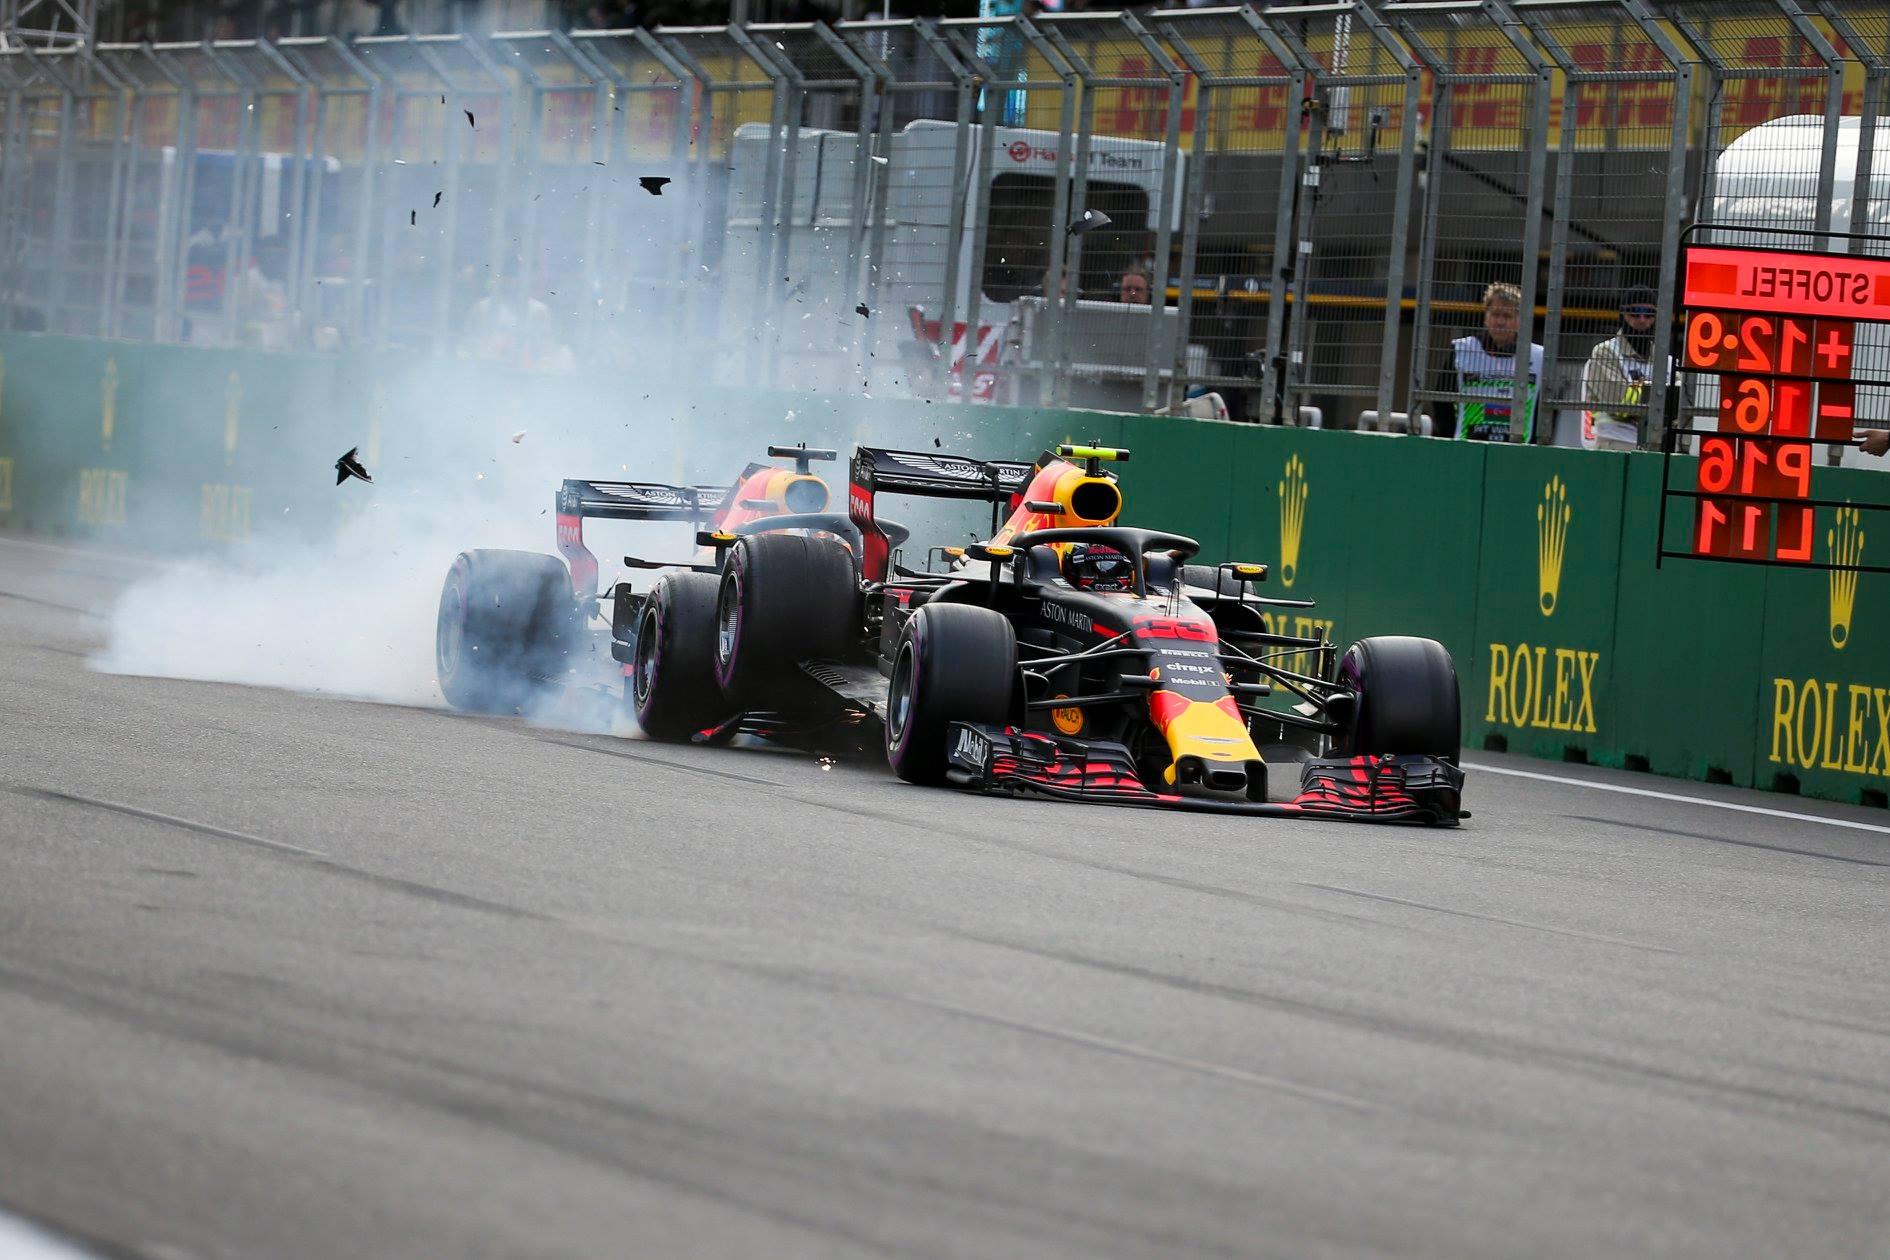 """D. Ricciardo apie """"Red Bull"""" avariją Azerbaidžane: velniop juos visus"""